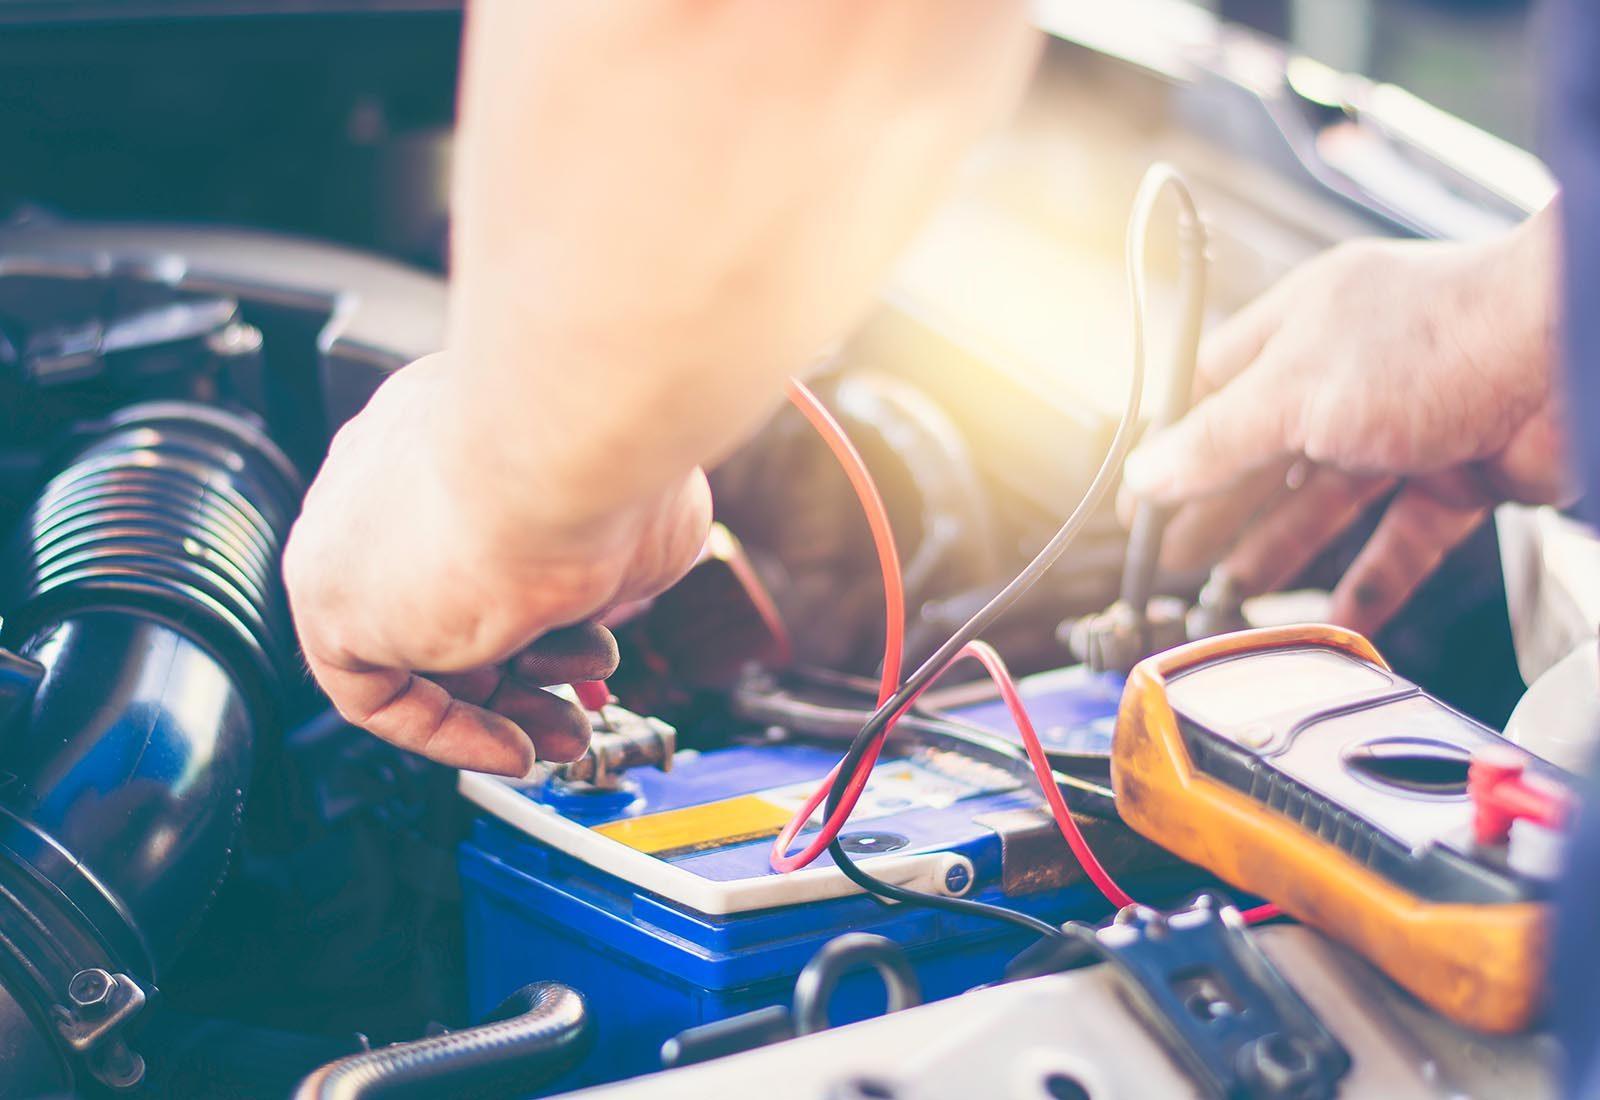 Le sel d'epsom est utile pour régénérer une batterie de voiture.